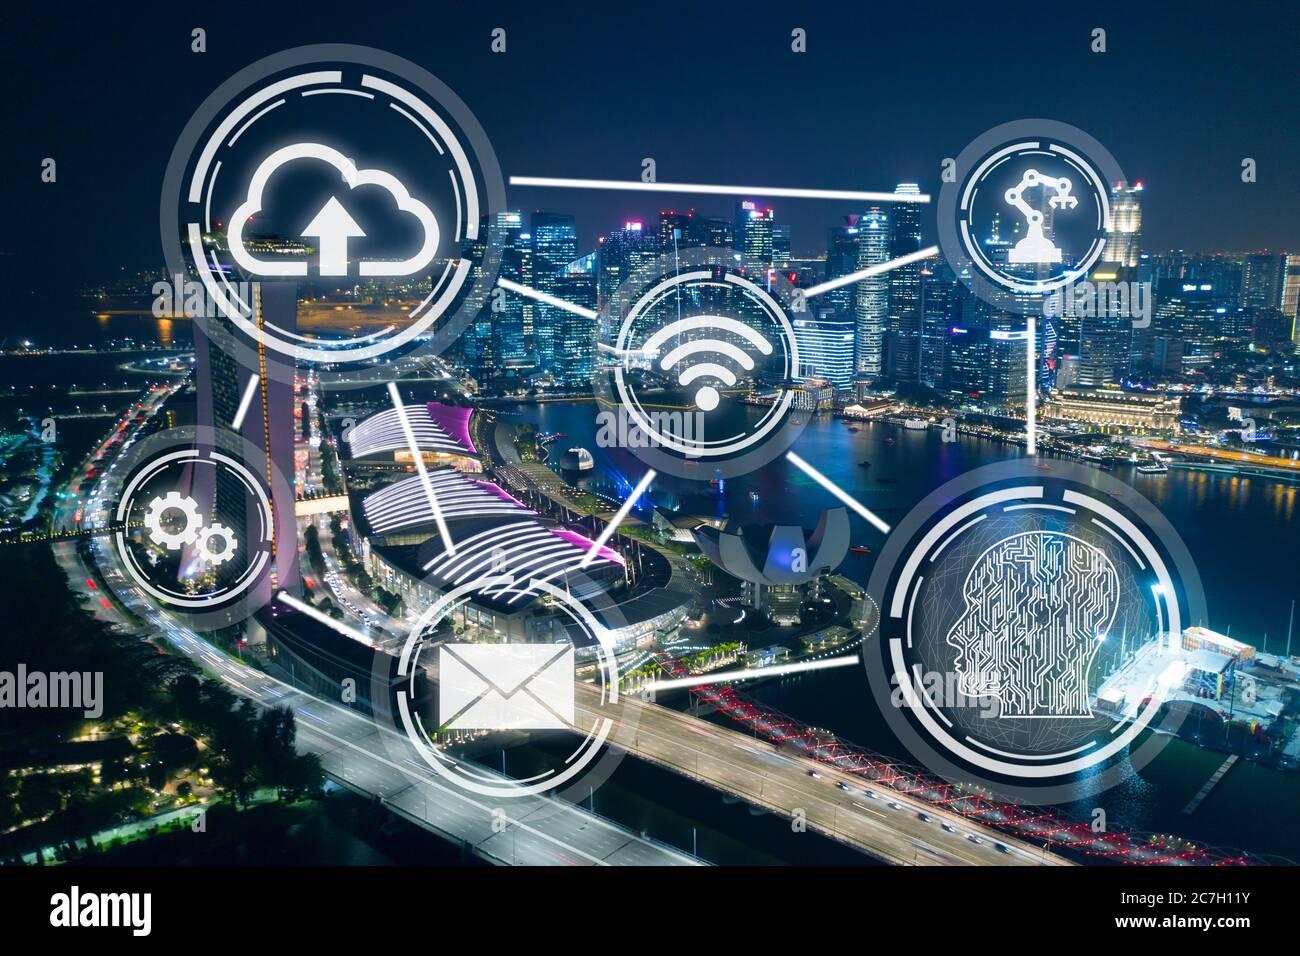 Ciudad inteligente, tecnología inalámbrica resumen sobre el fondo del distrito financiero de Singapur por la noche Foto de stock